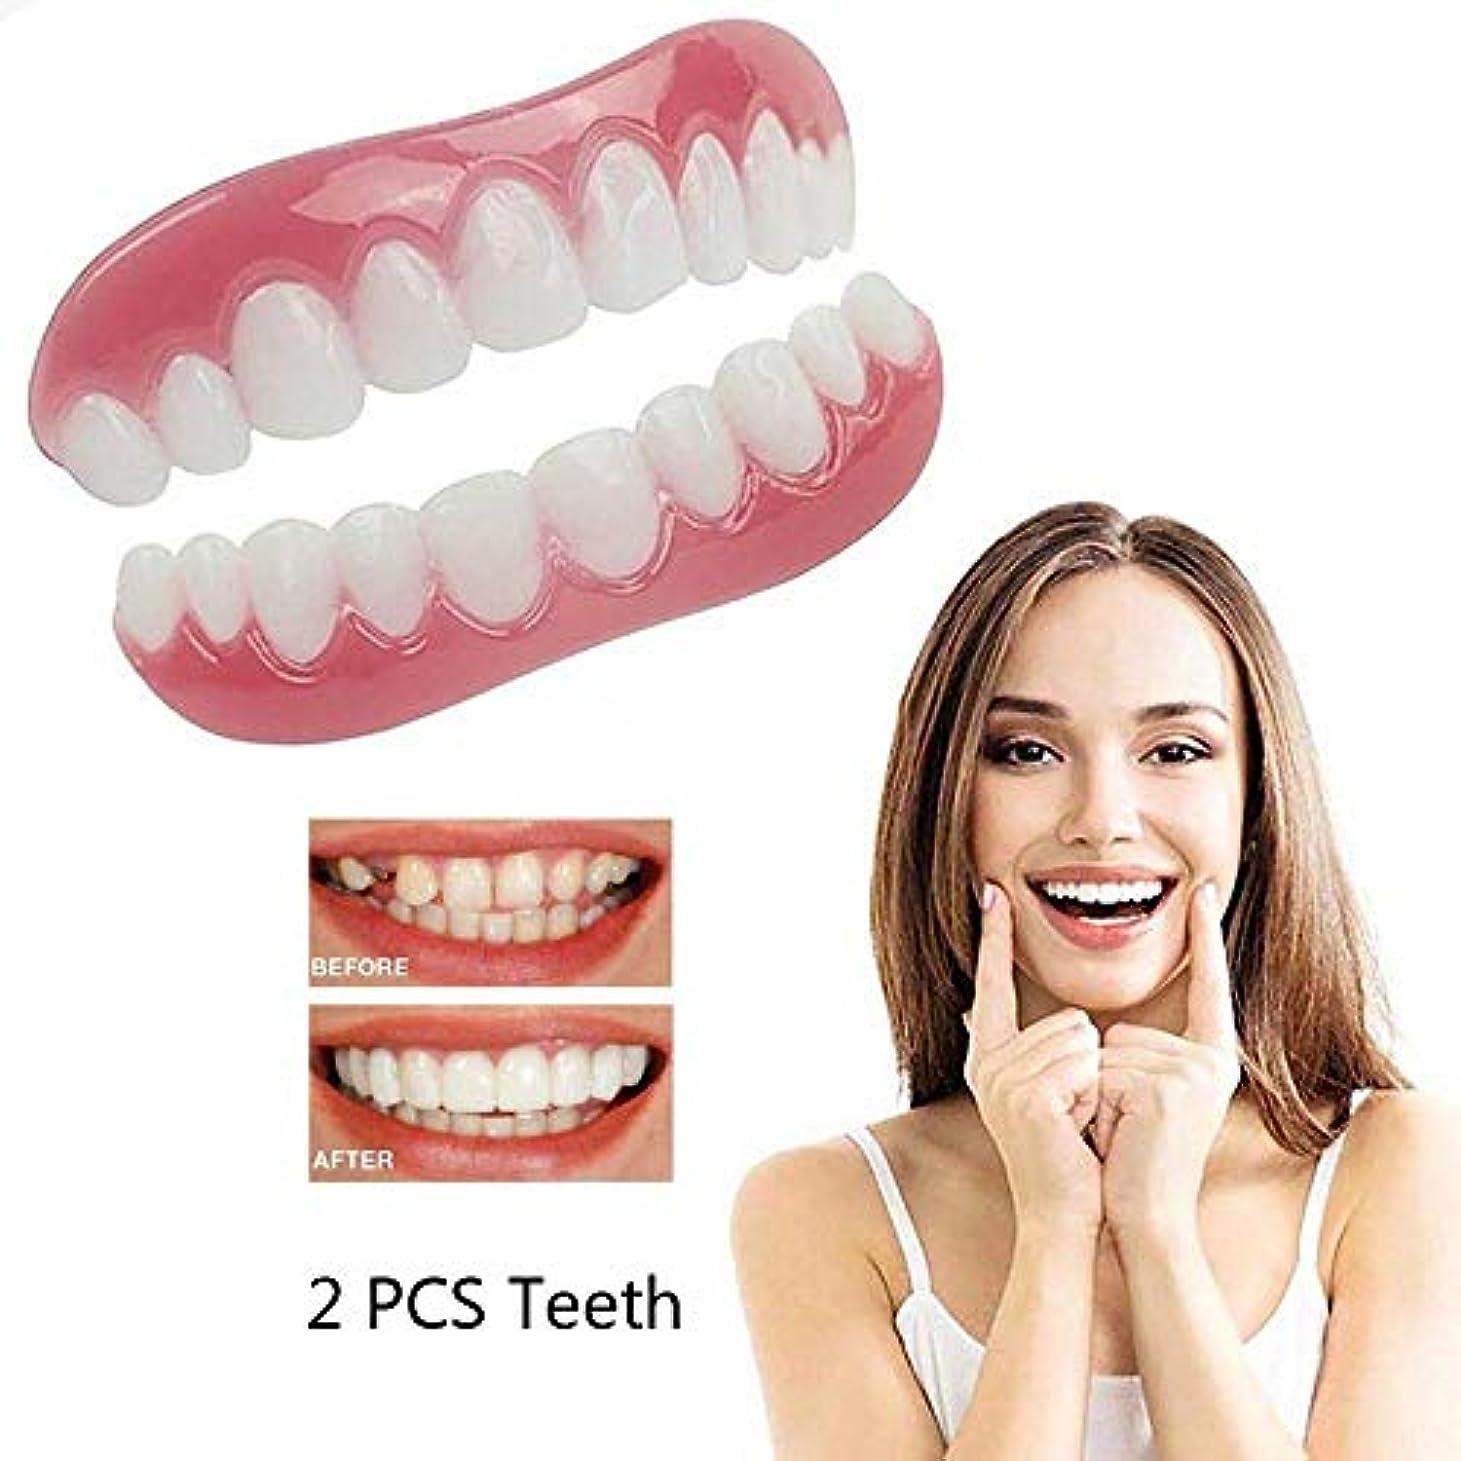 コンプライアンスヒット川化粧品の歯のホワイトニングパーフェクトフィットスナップオンスマイルトップとボトムの偽歯インスタントプロテーゼスマイルコンフォートフィットフレックスオーラルケア